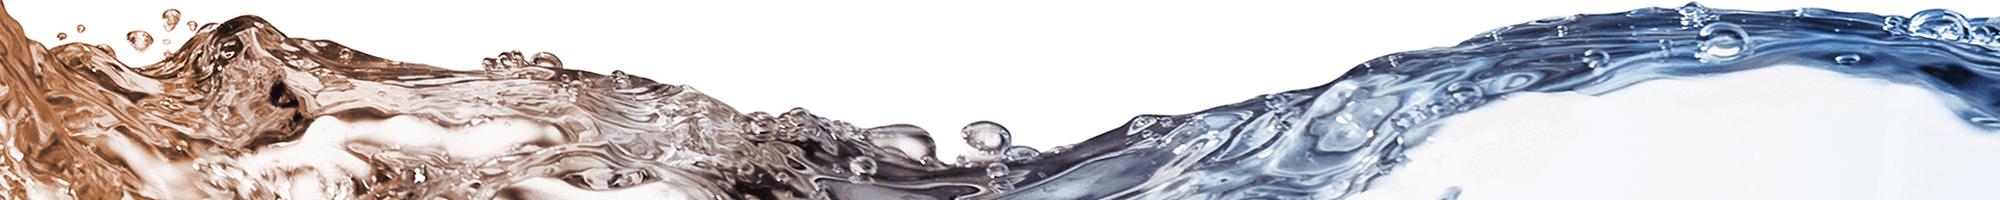 Blue H2O Filtration